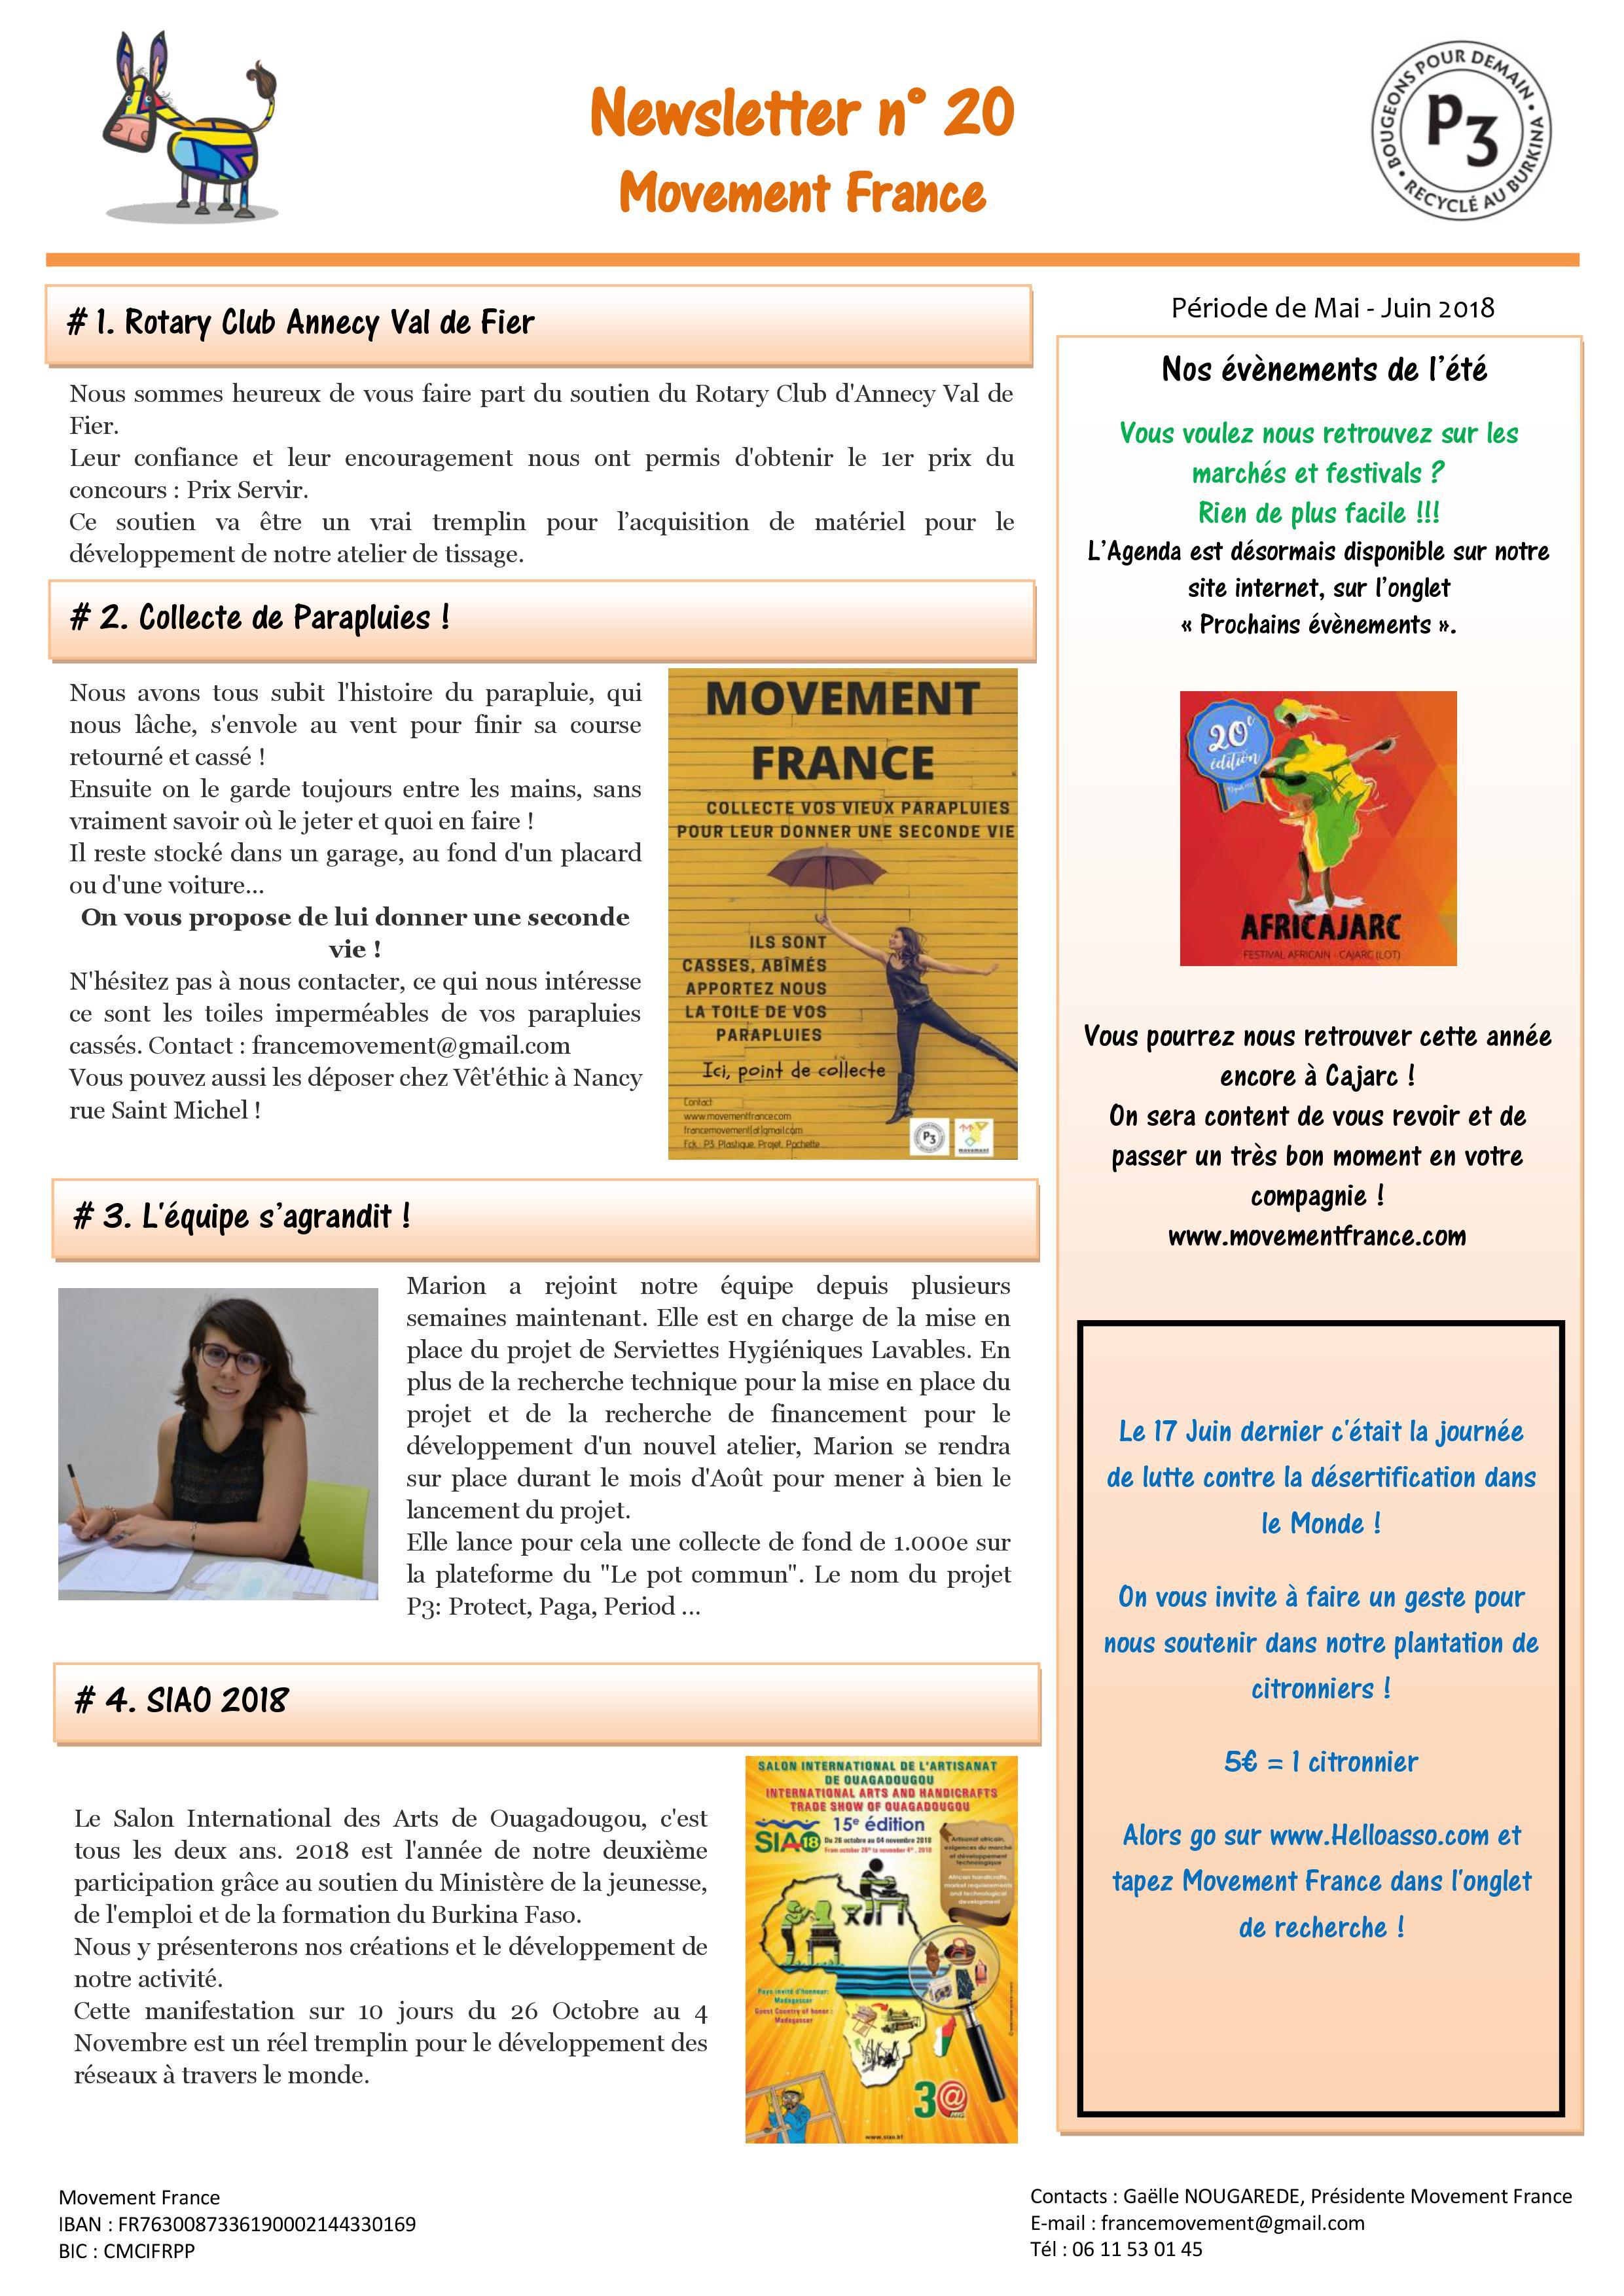 Newsletter N°20